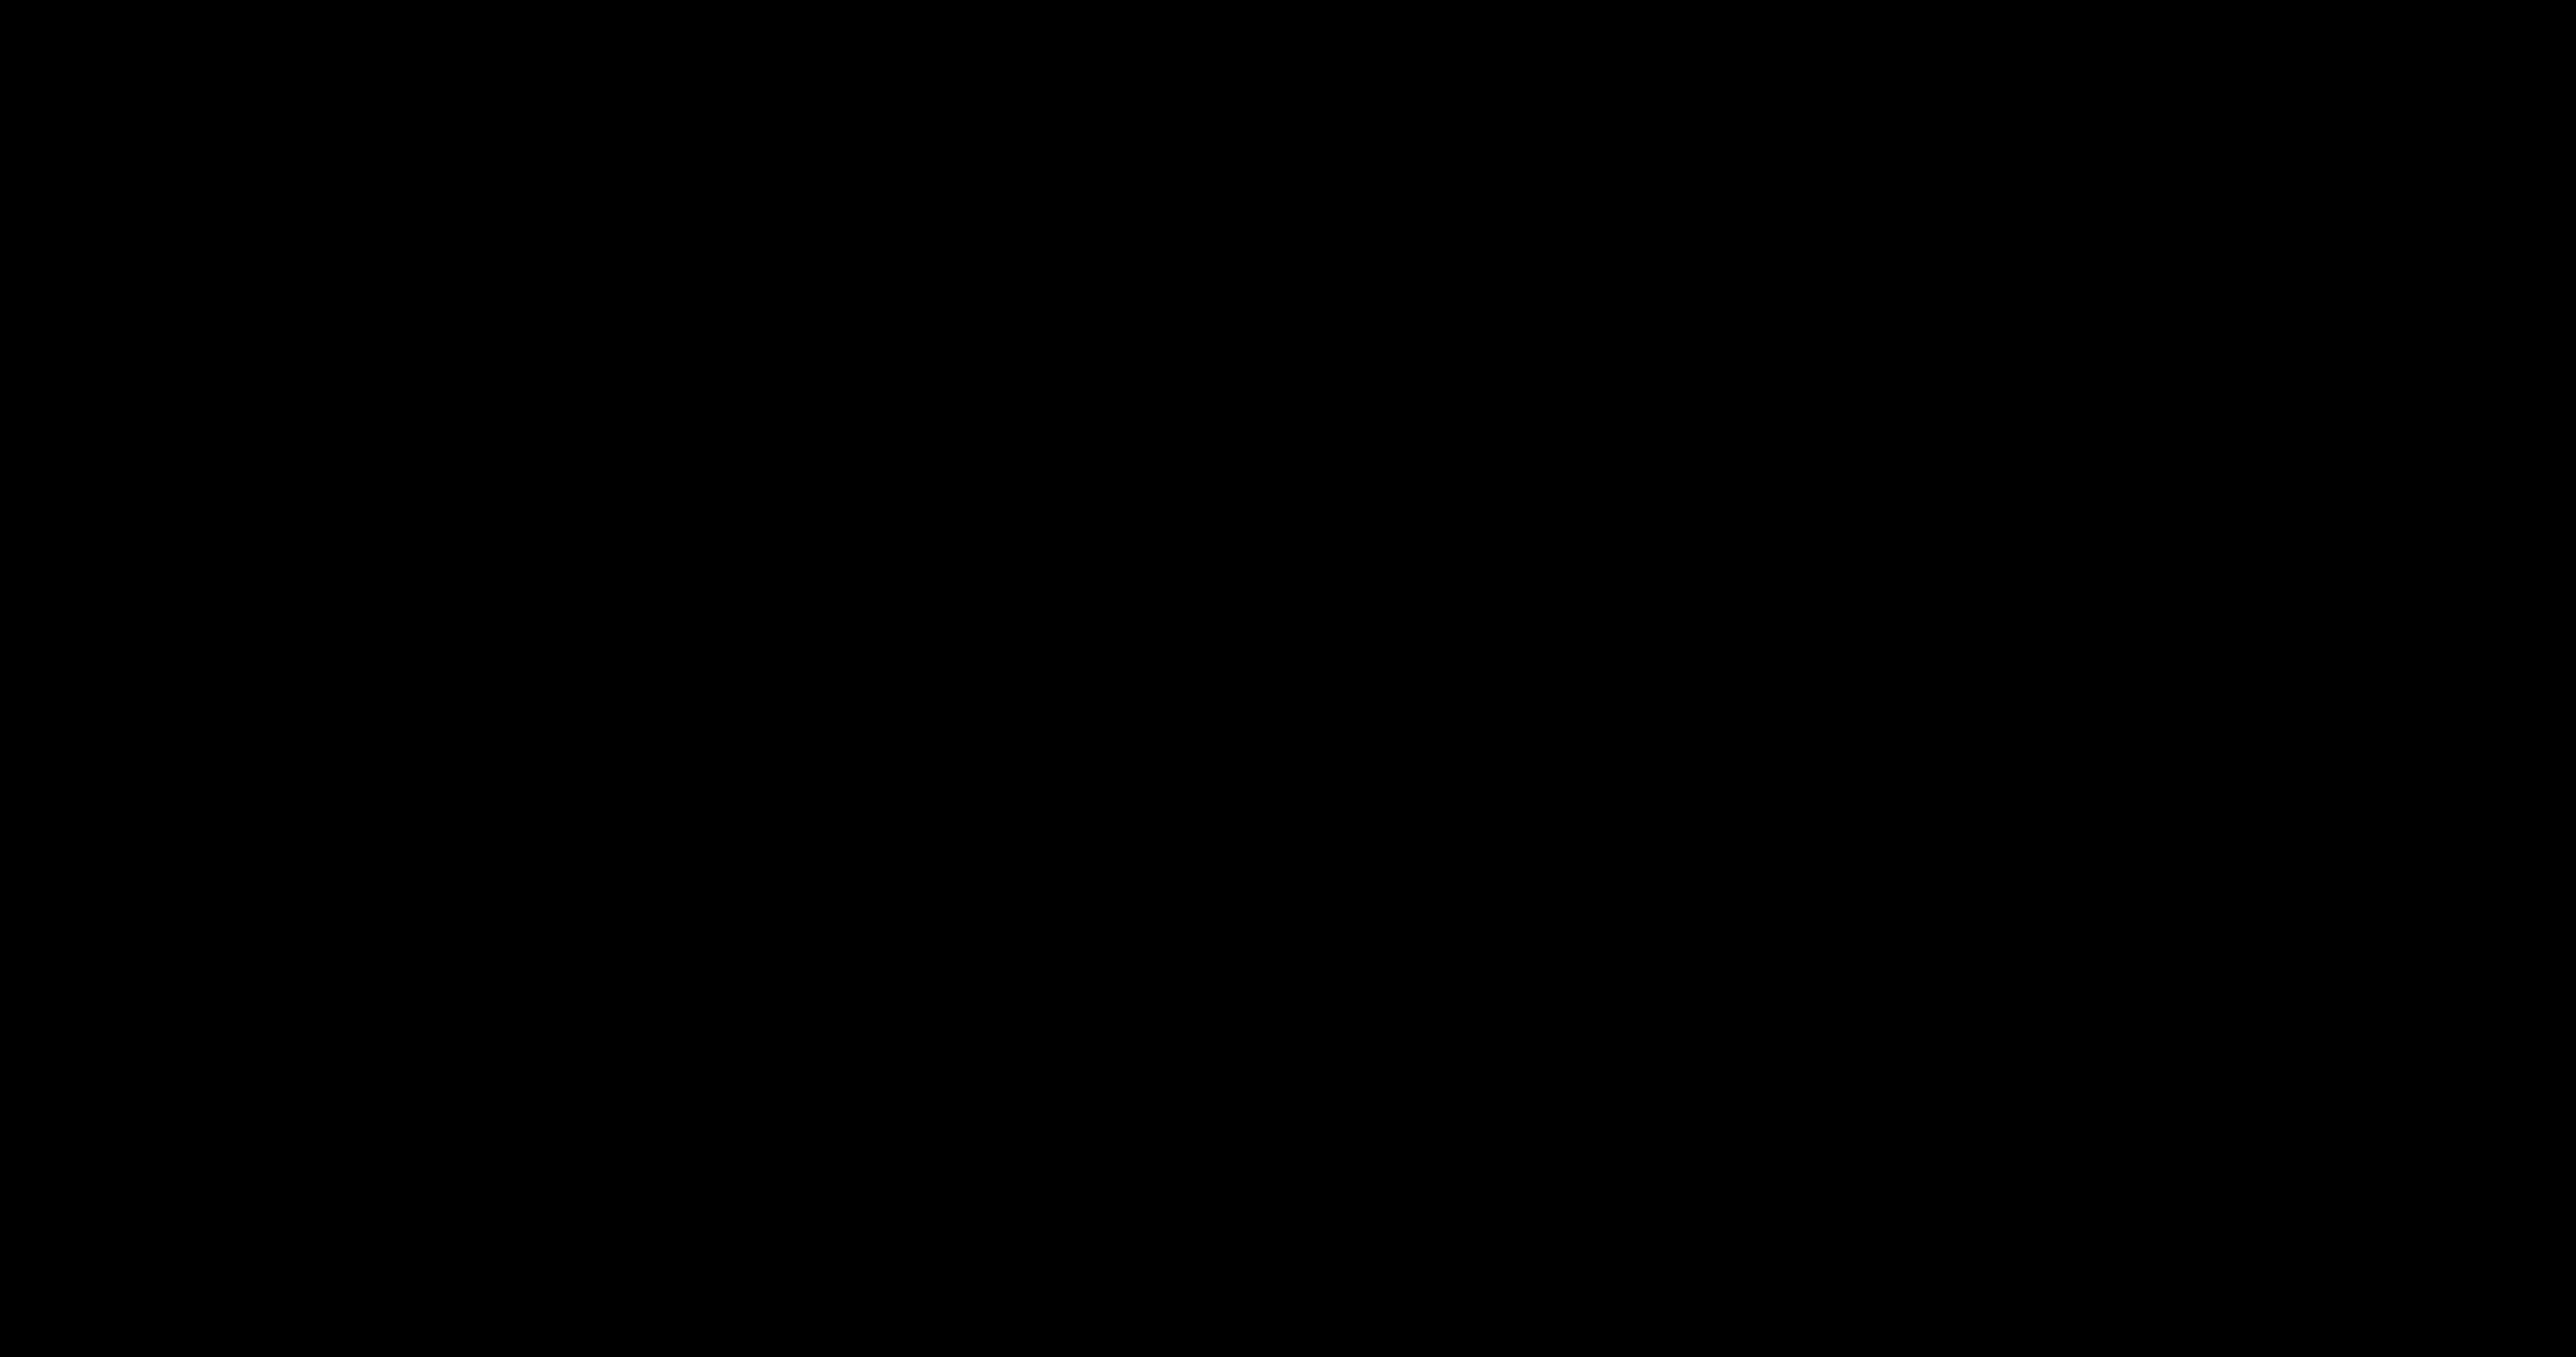 Solar wind flag